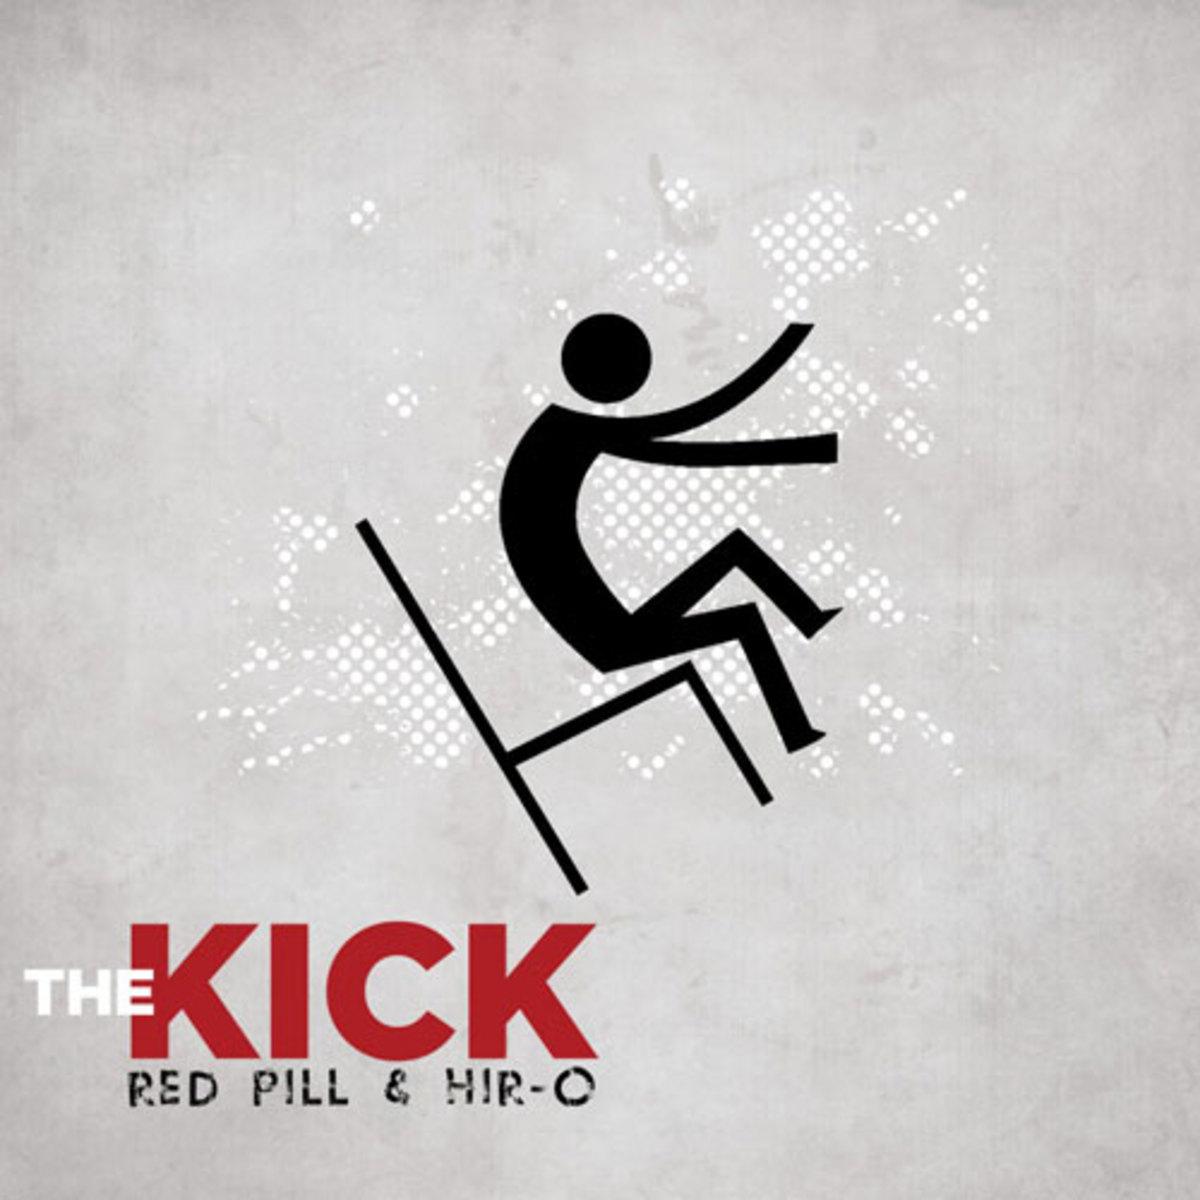 redpill-thekick.jpg